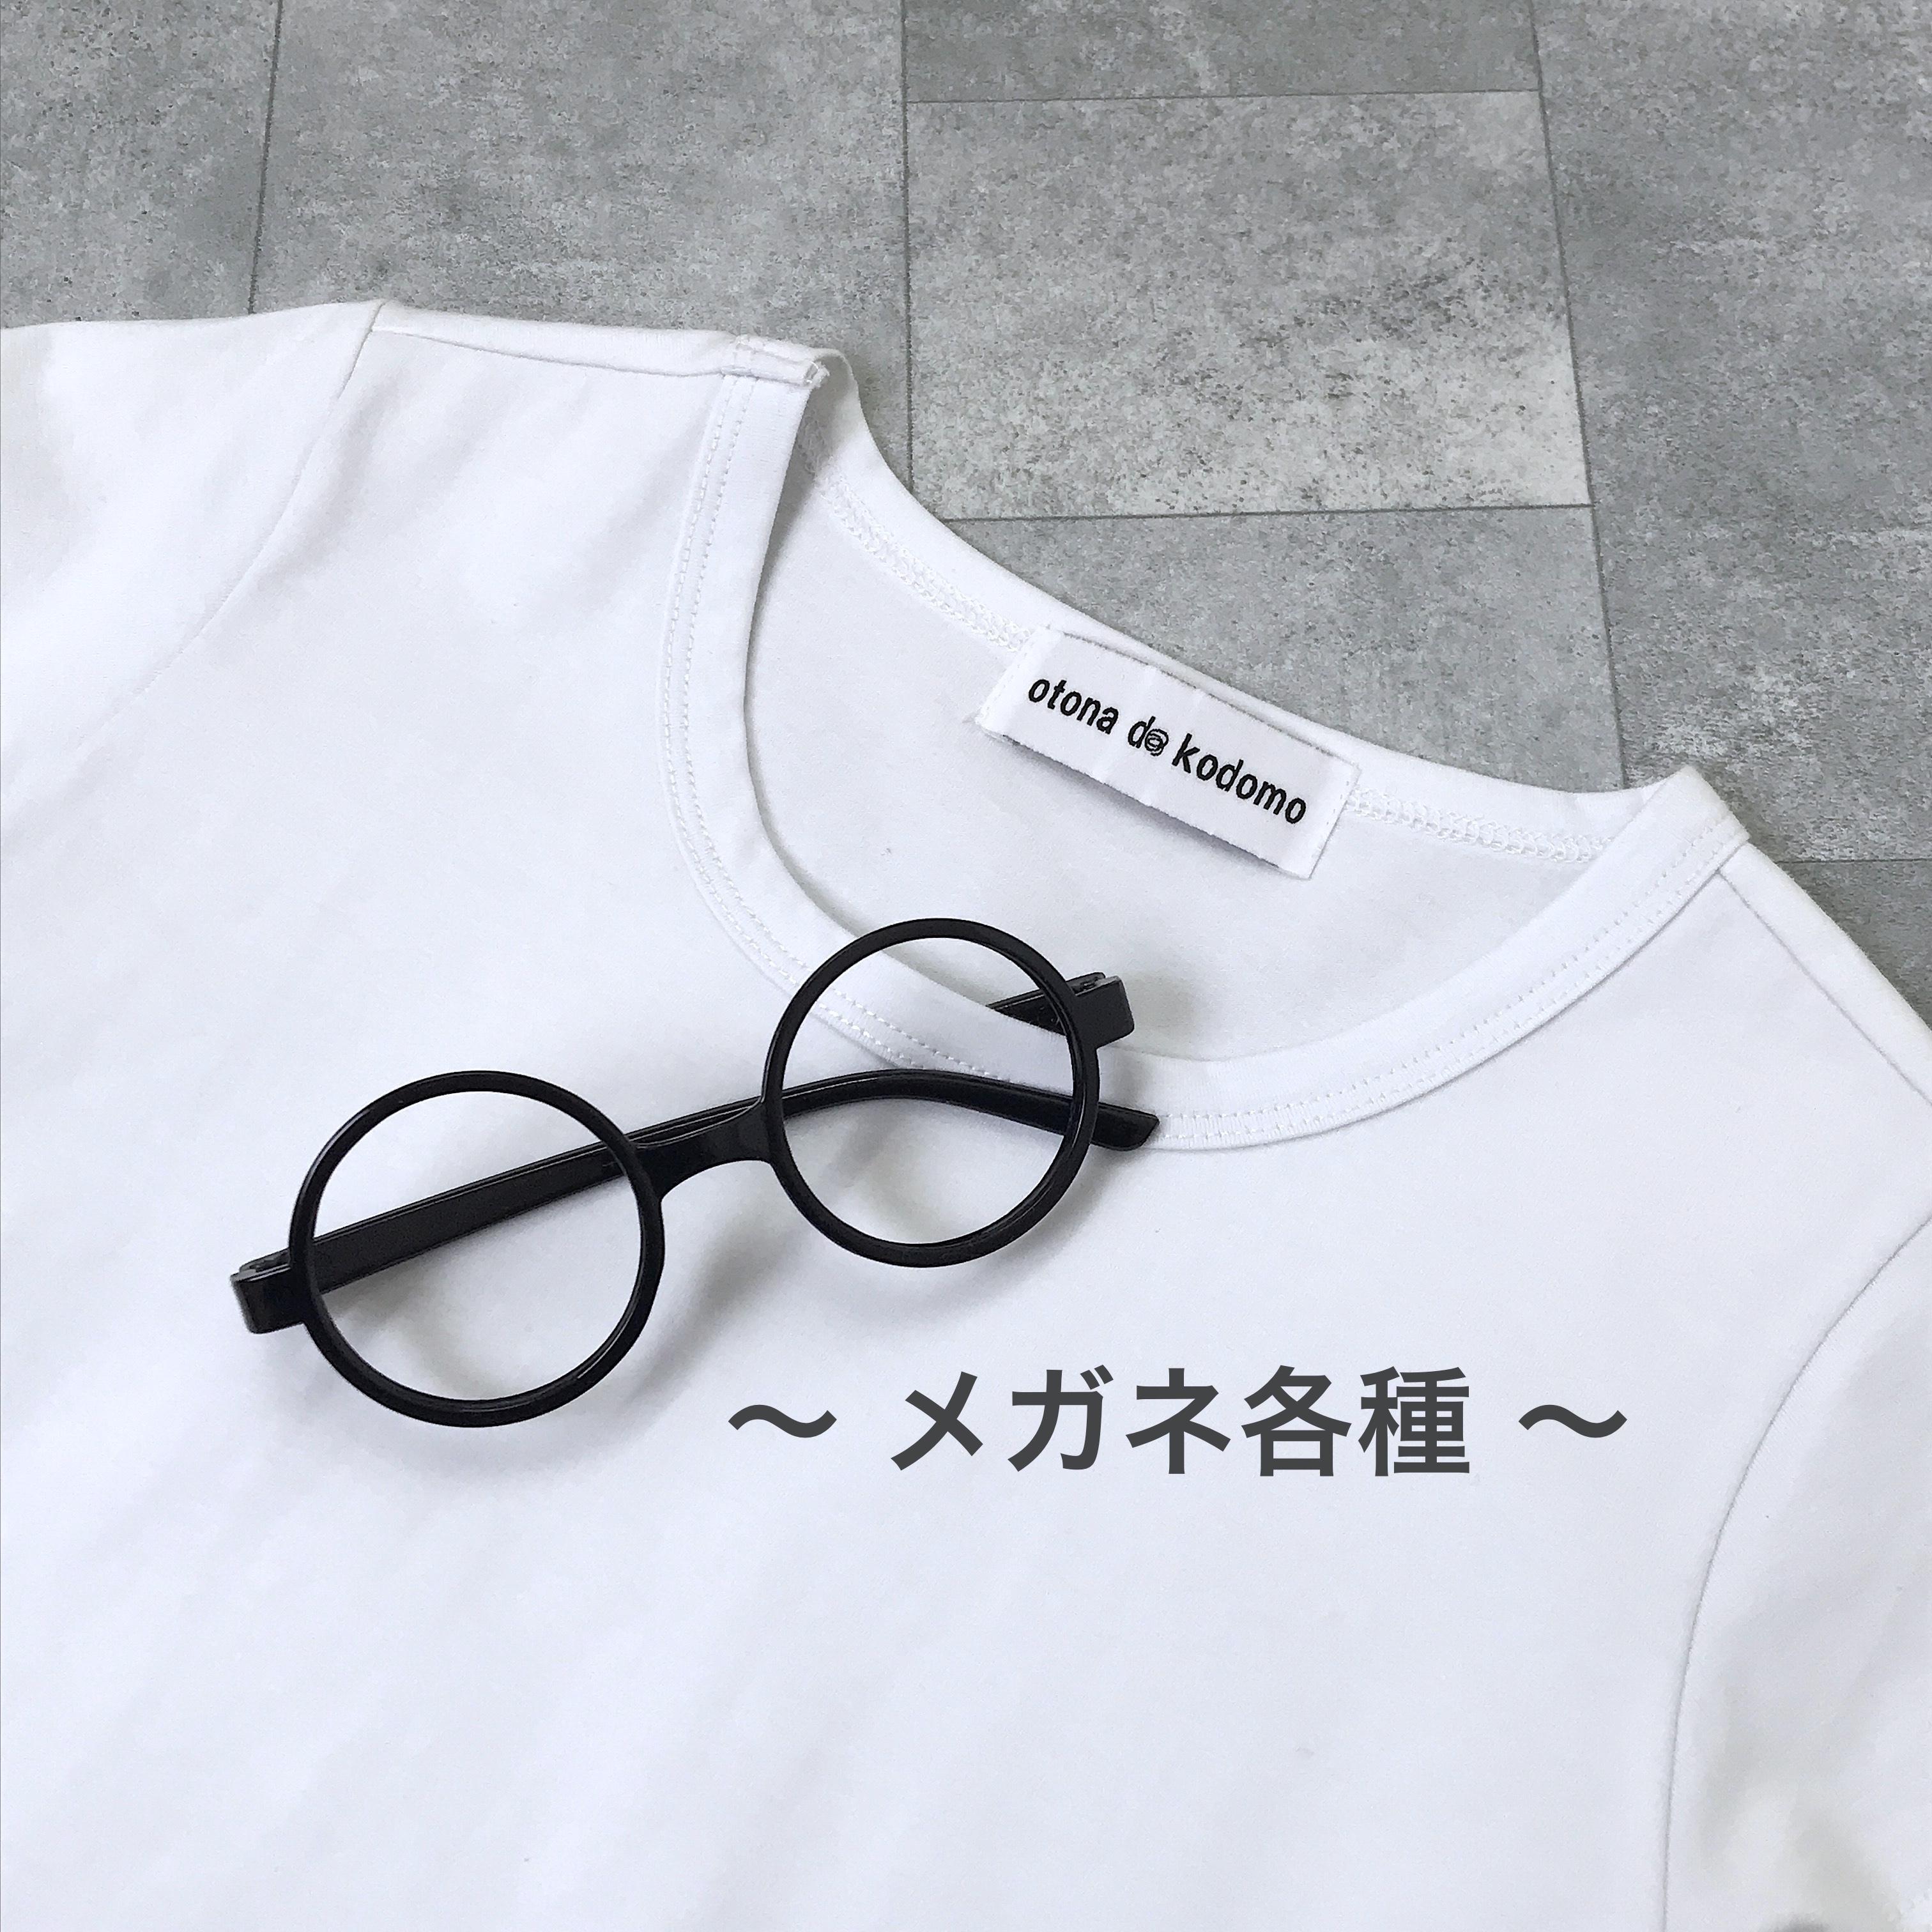 メガネ各種